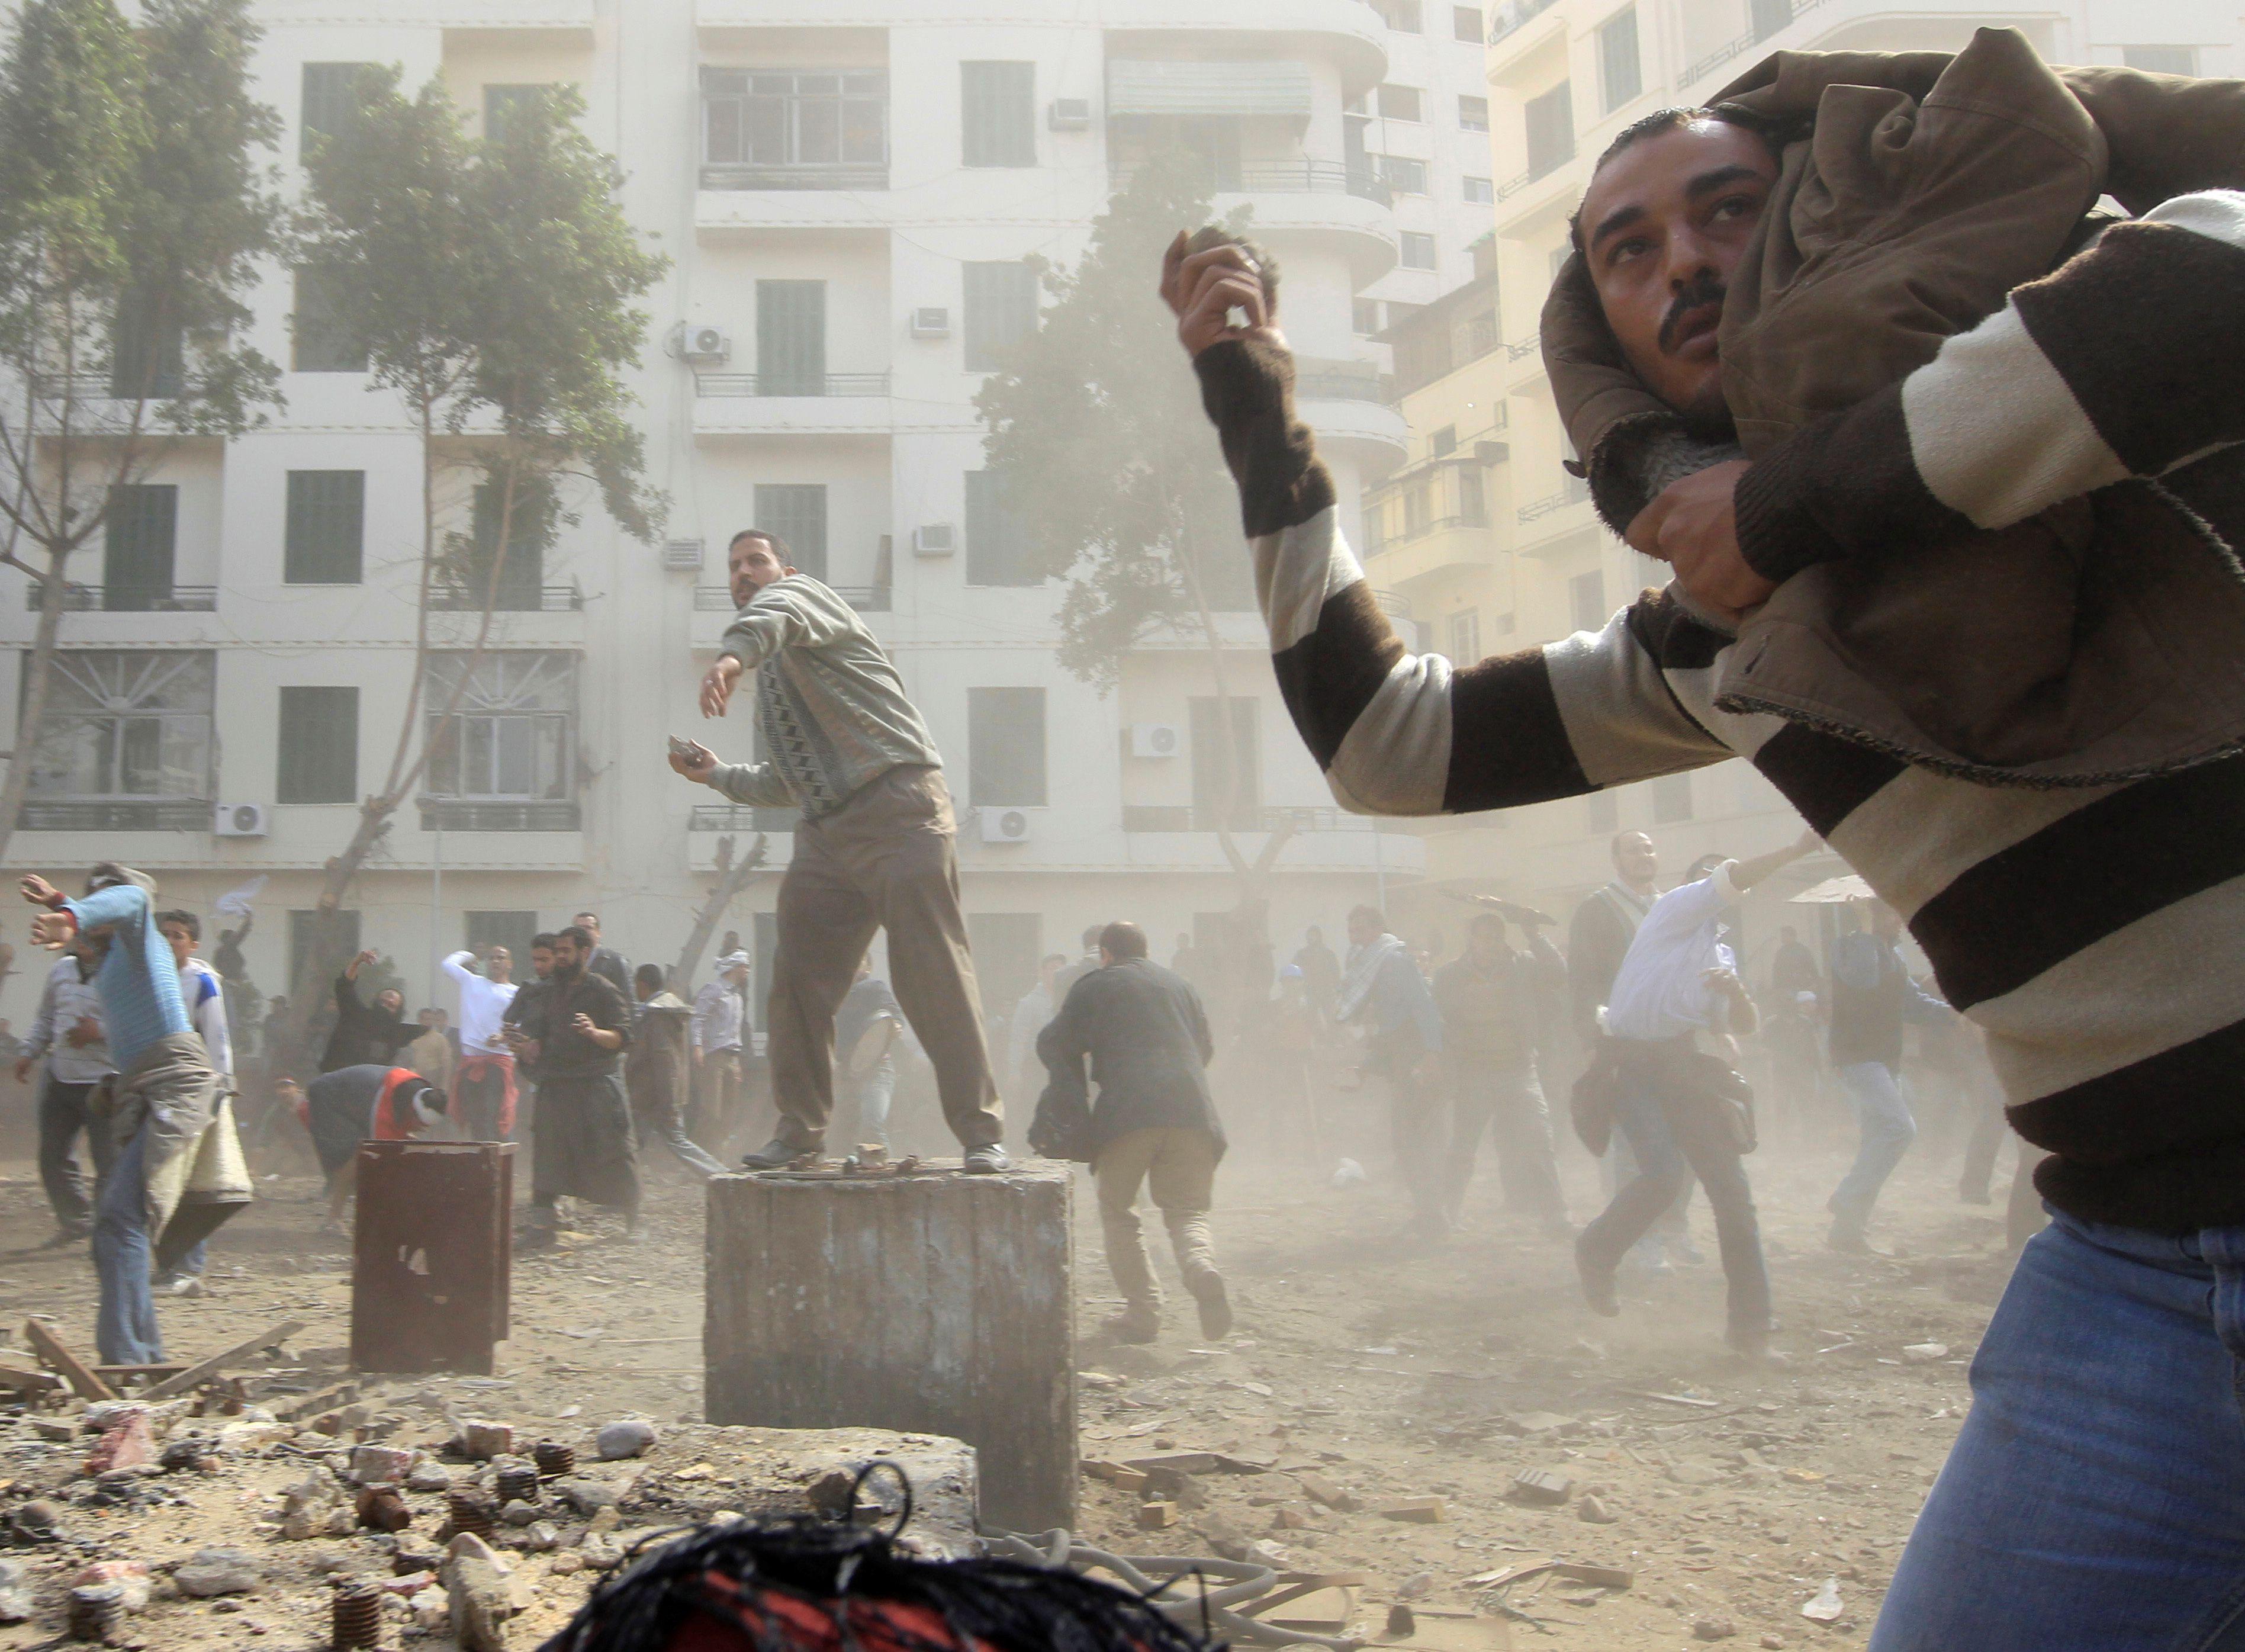 Simpatizantes opositores lanzan piedras a los manifestantes pro-Mubarak en la plaza Tahrir de El Cairo el 3 de febrero de 2011 (REUTERS/Goran Tomasevic/File Photo)